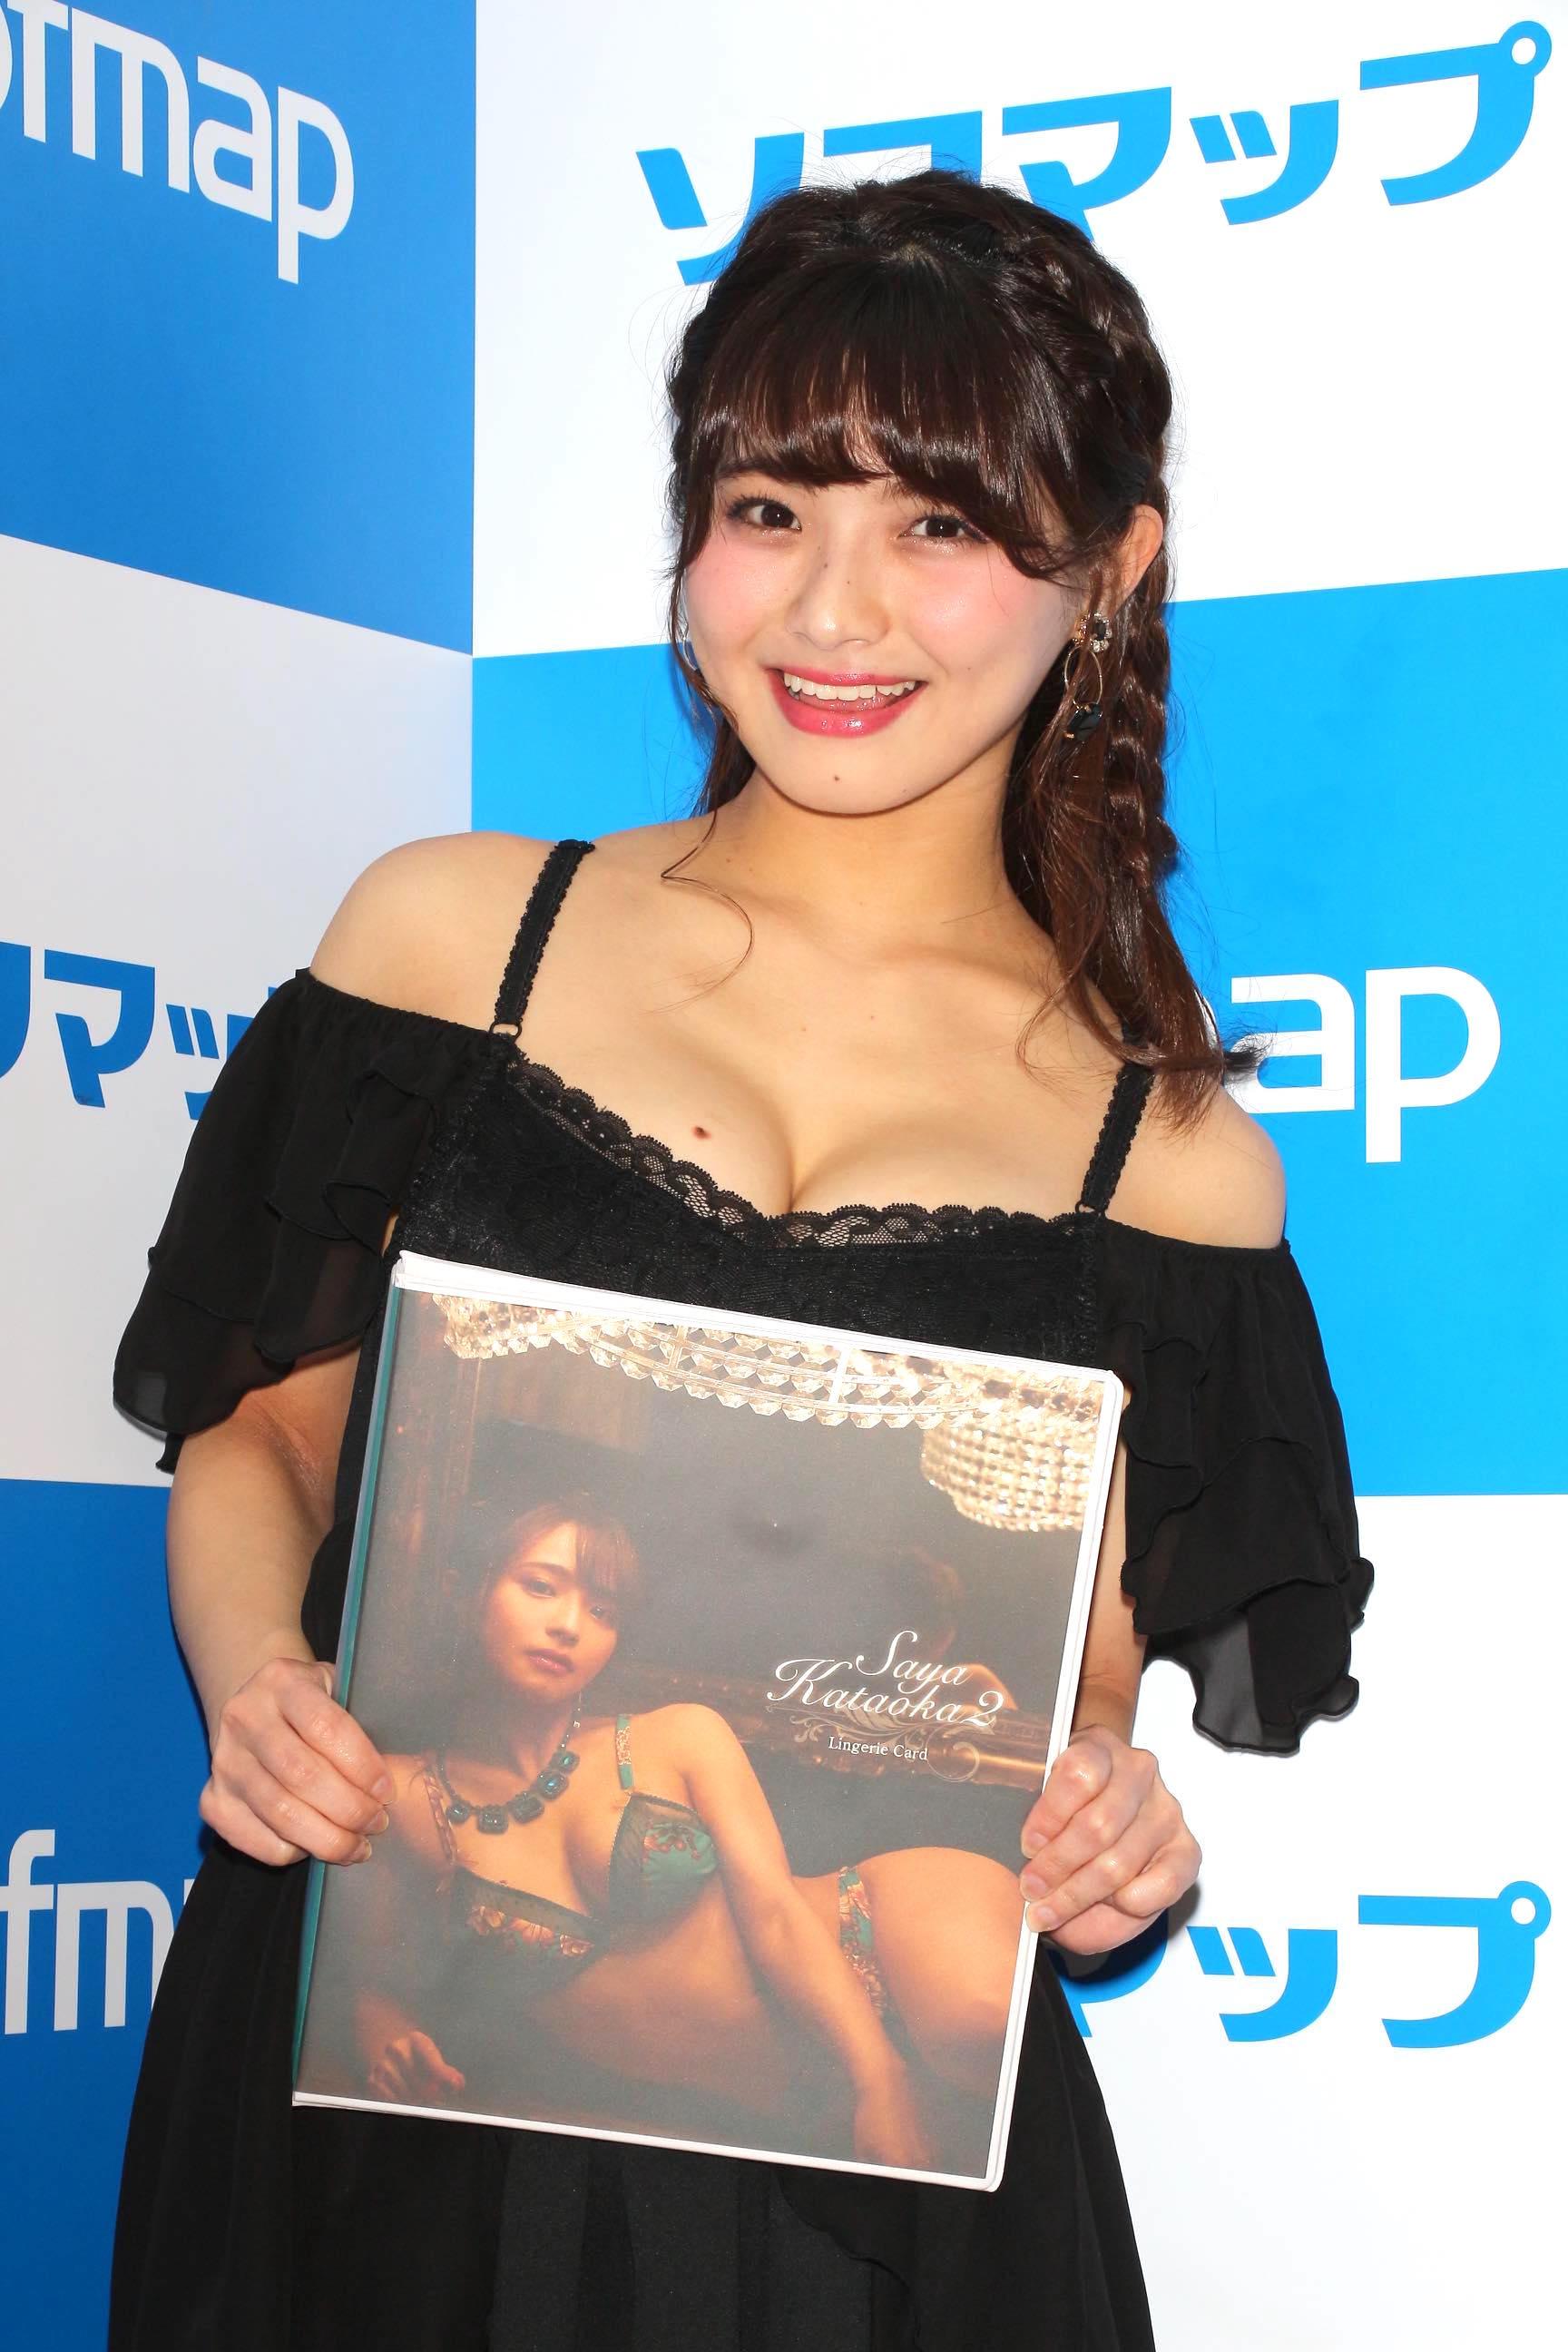 片岡沙耶「全部ランジェリー」こだわりのトレカが発売!【写真34枚】の画像024